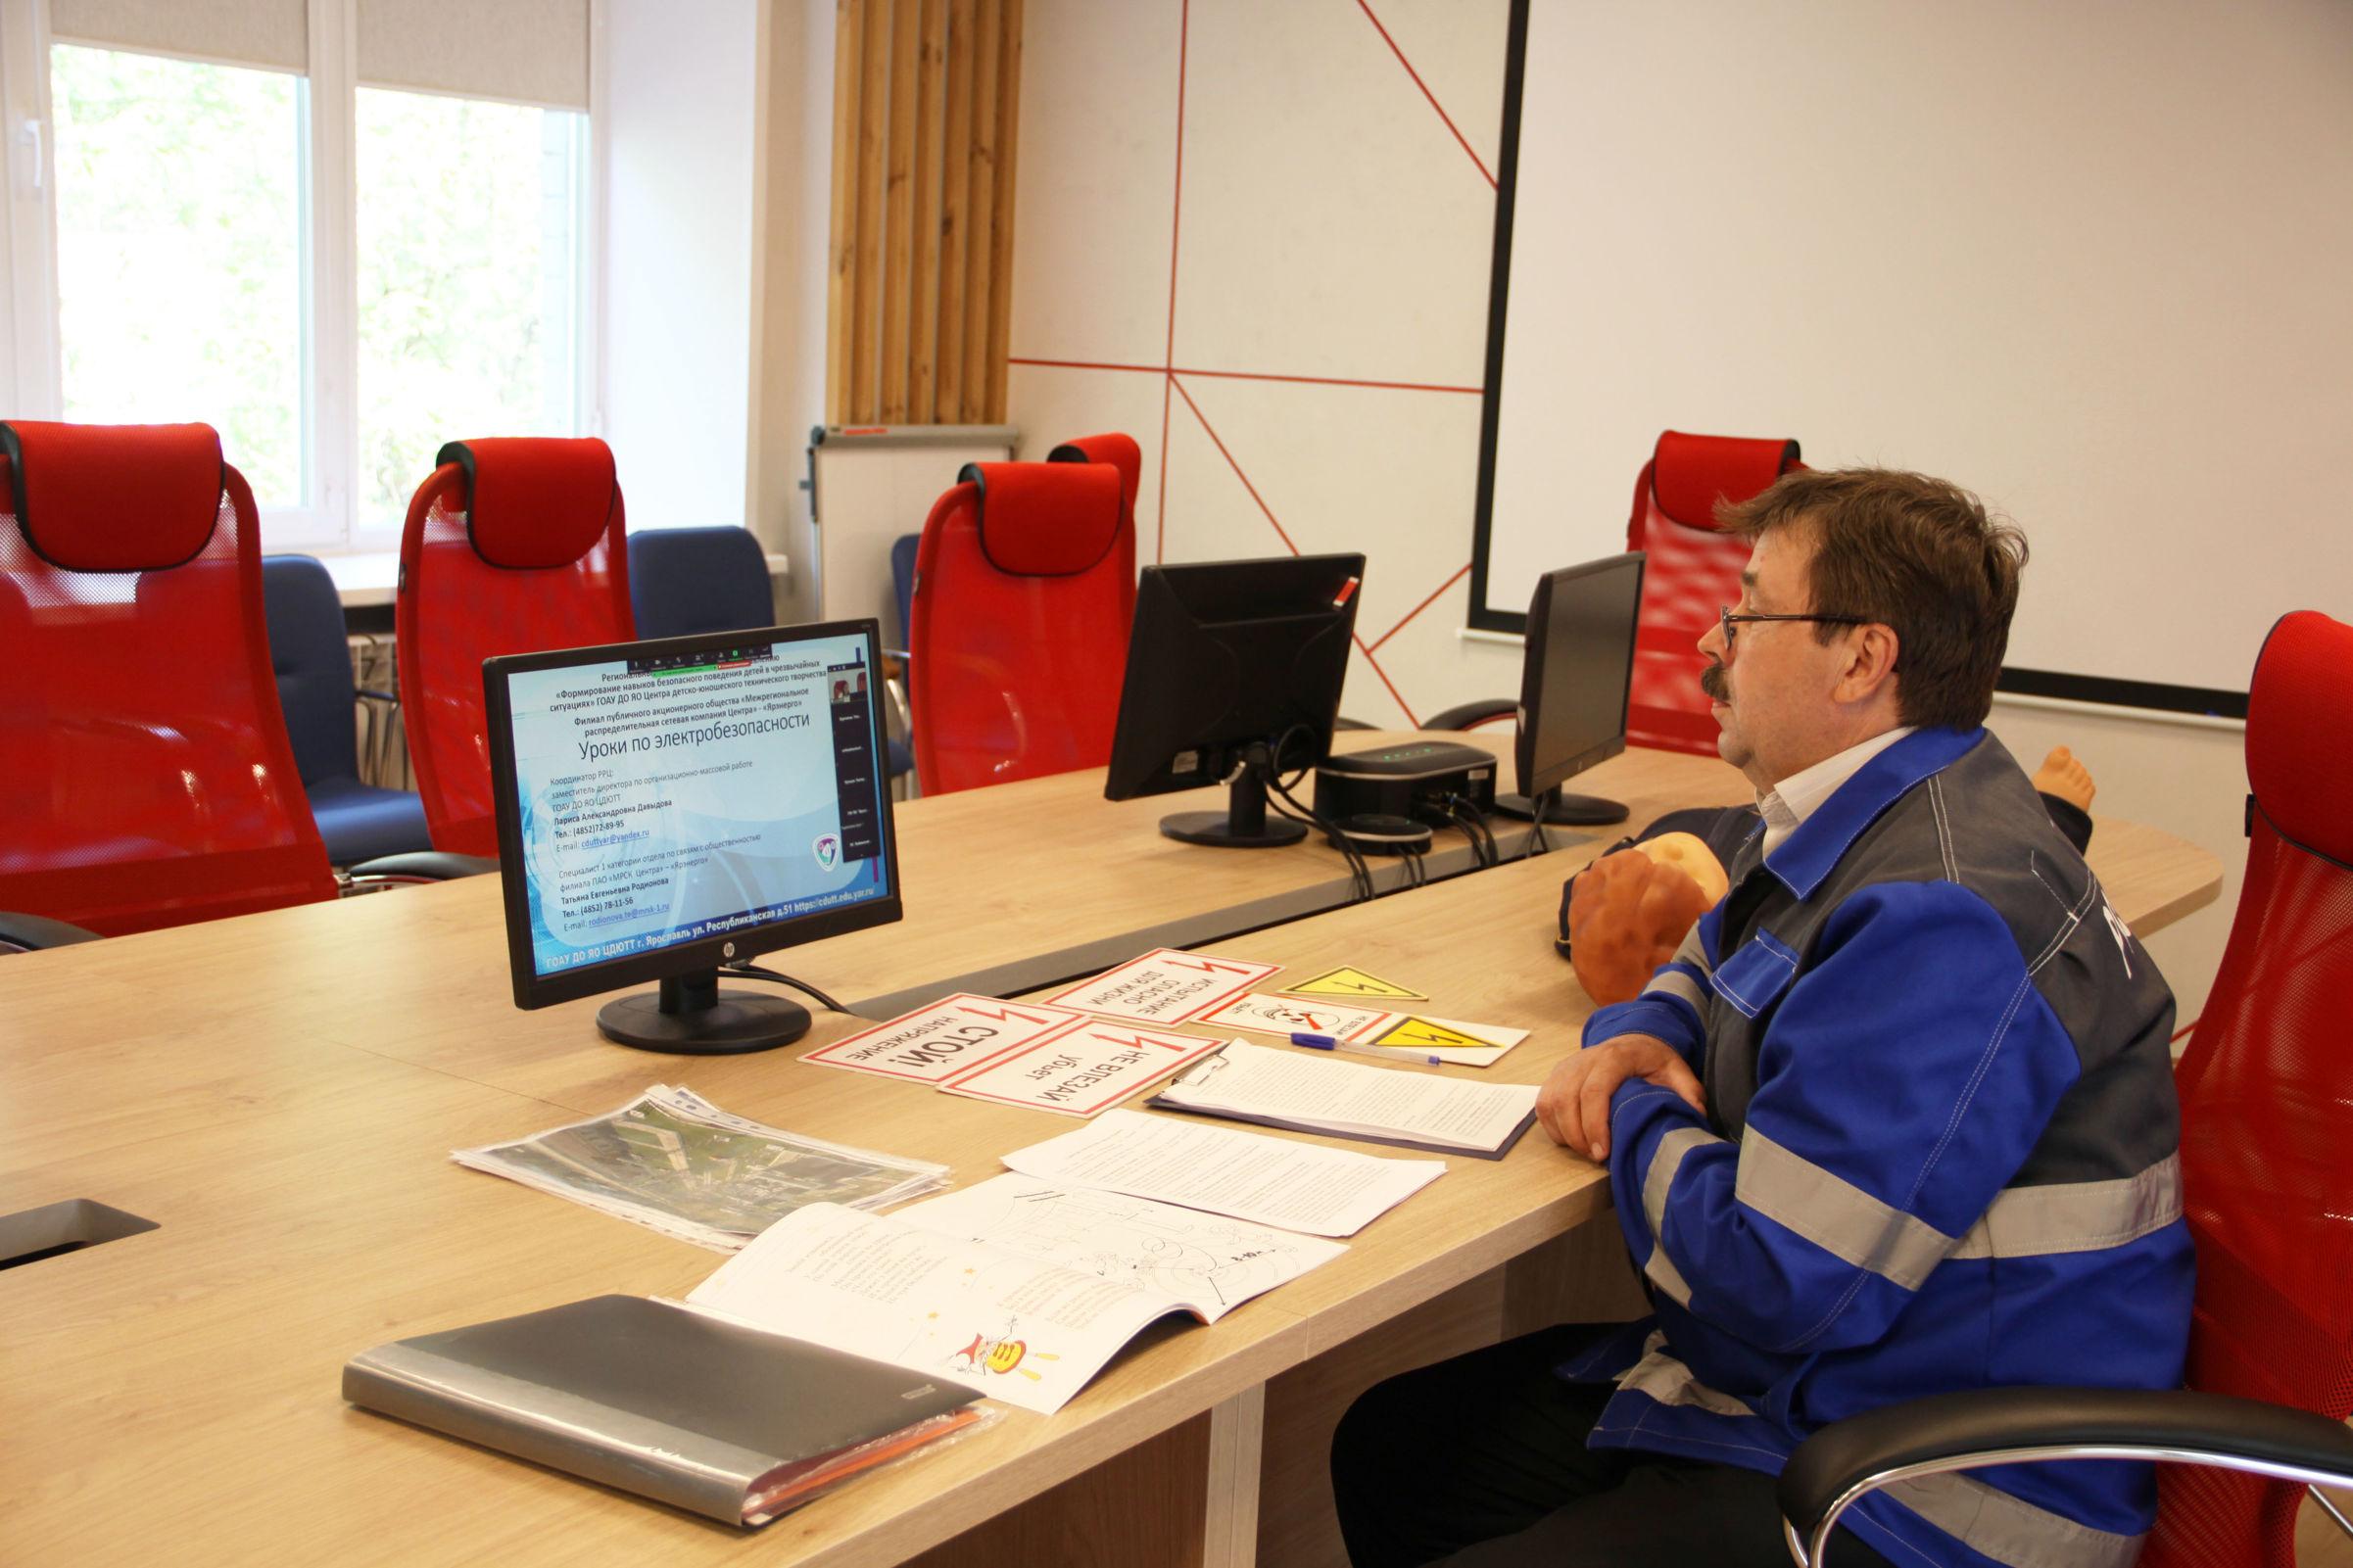 Специалисты Ярэнерго провели онлайн-семинар по электробезопасности для педагогов